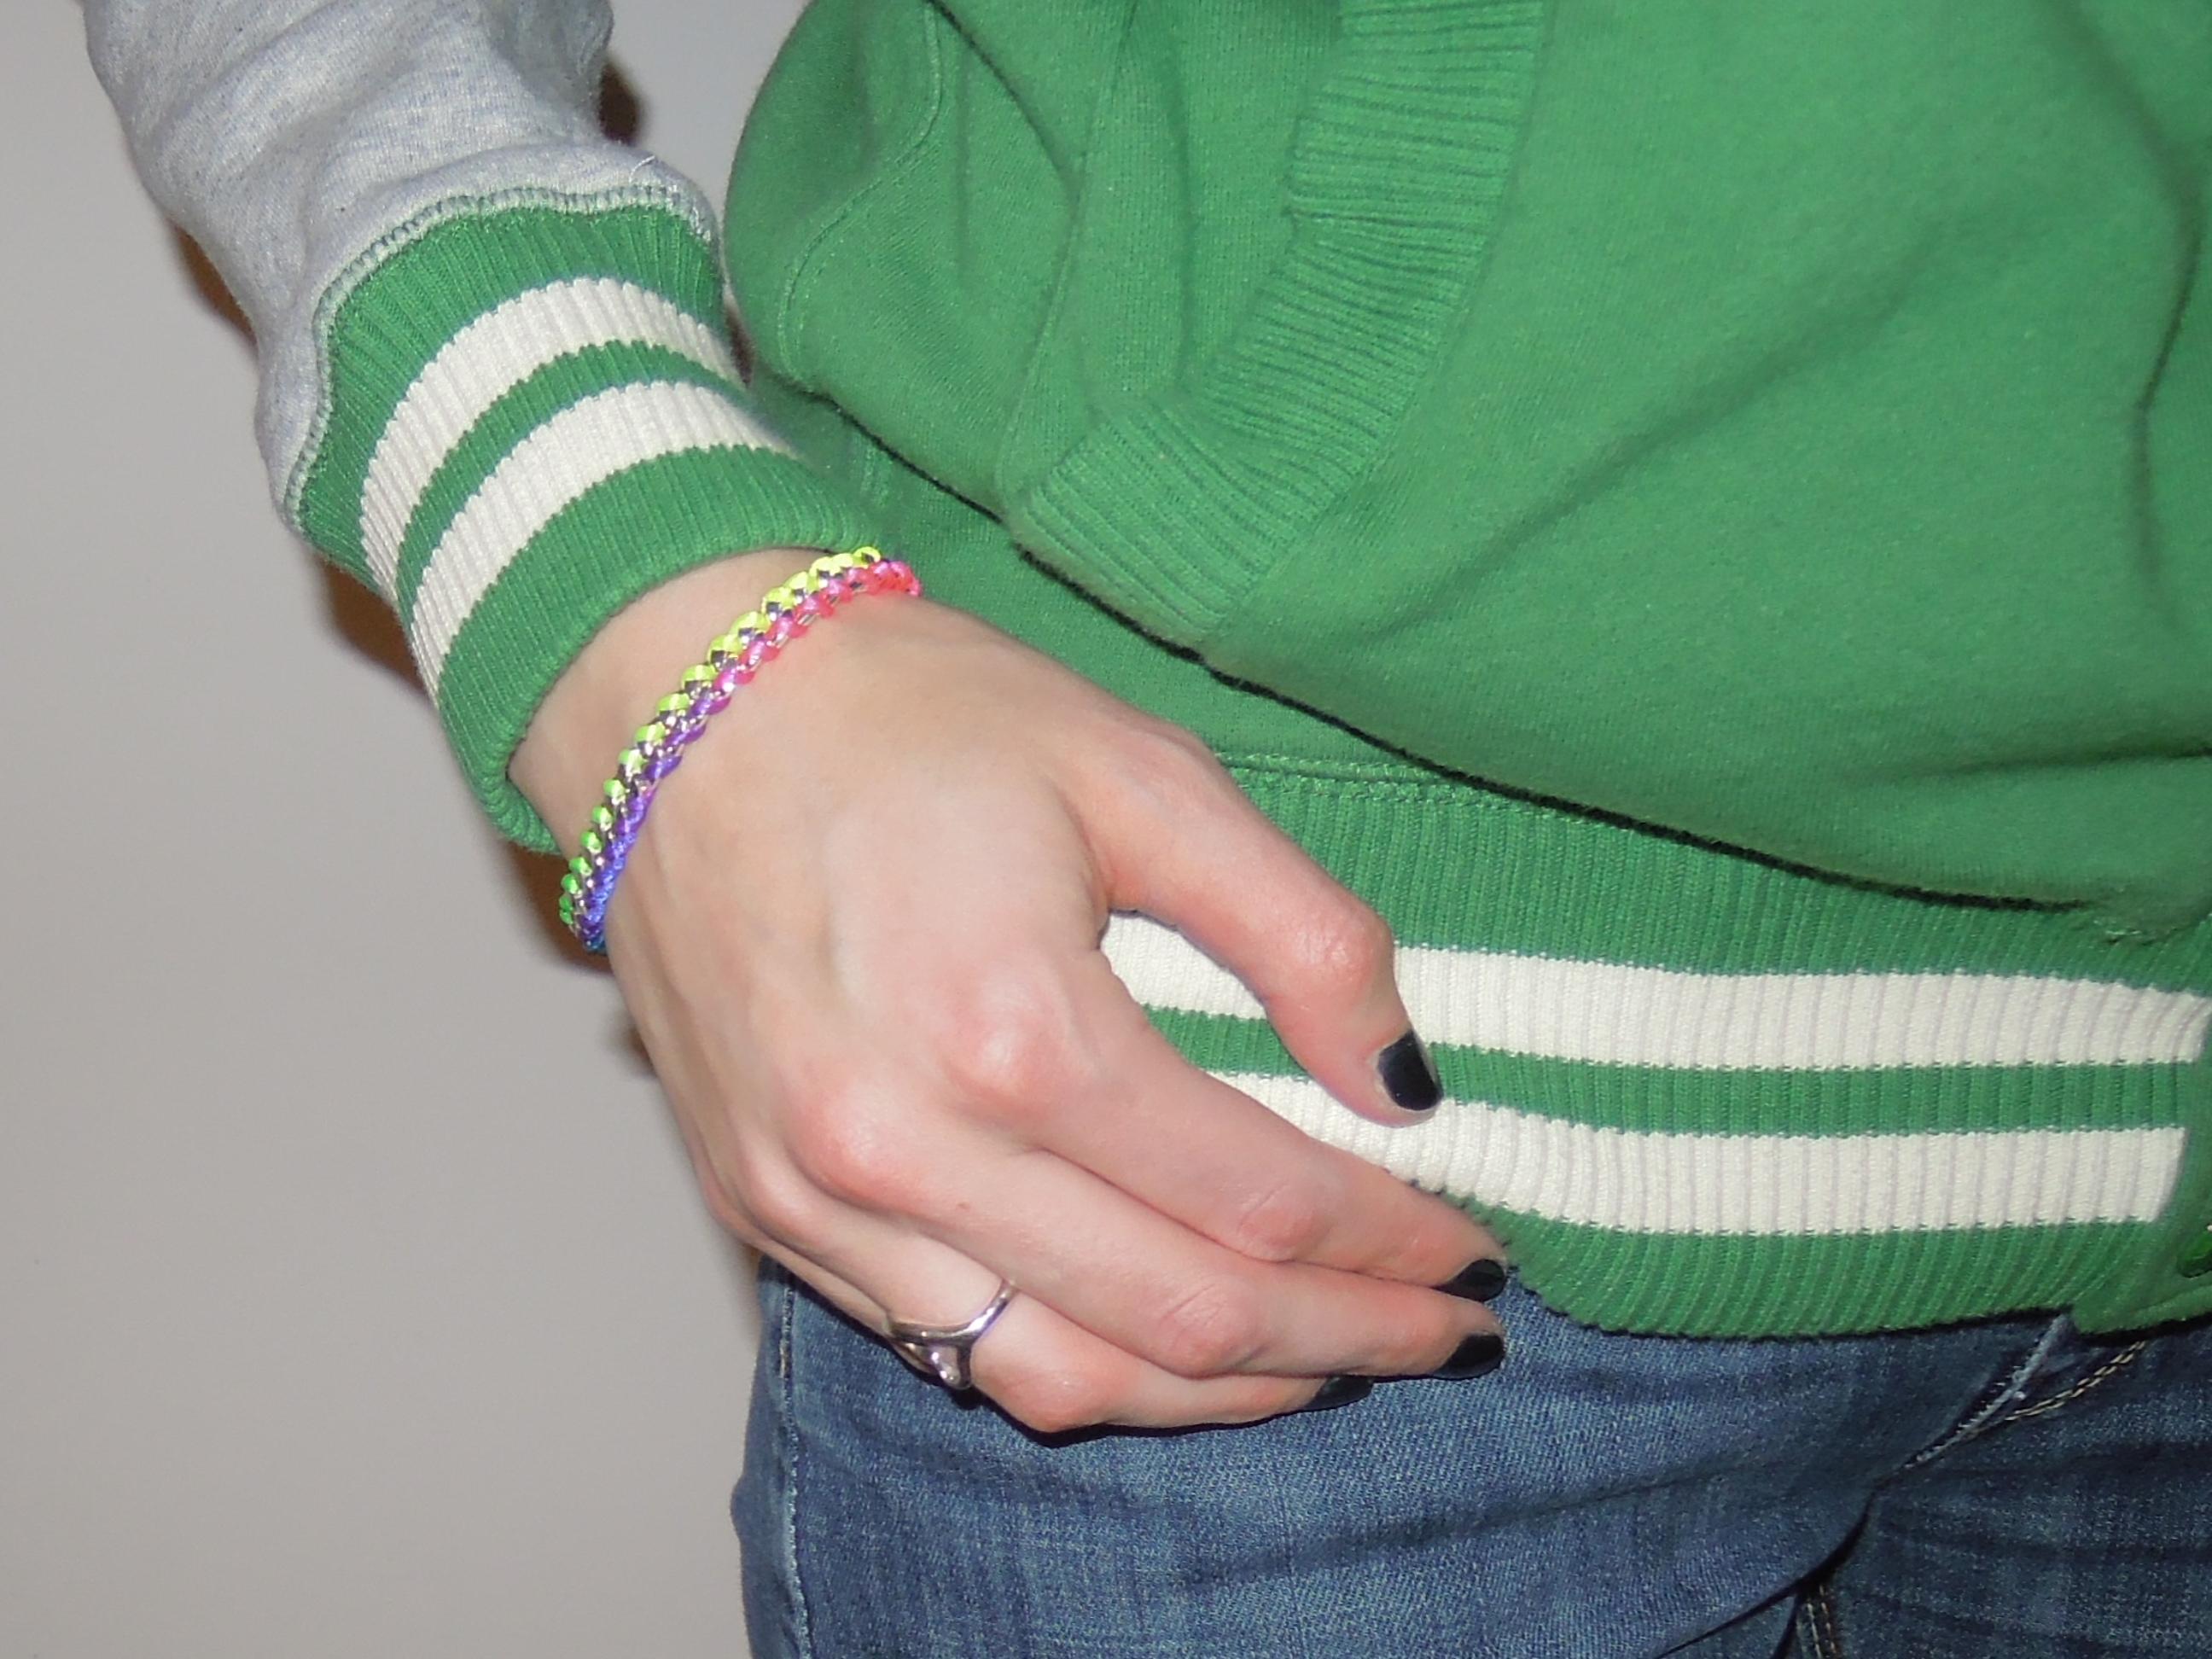 Vain-Armband